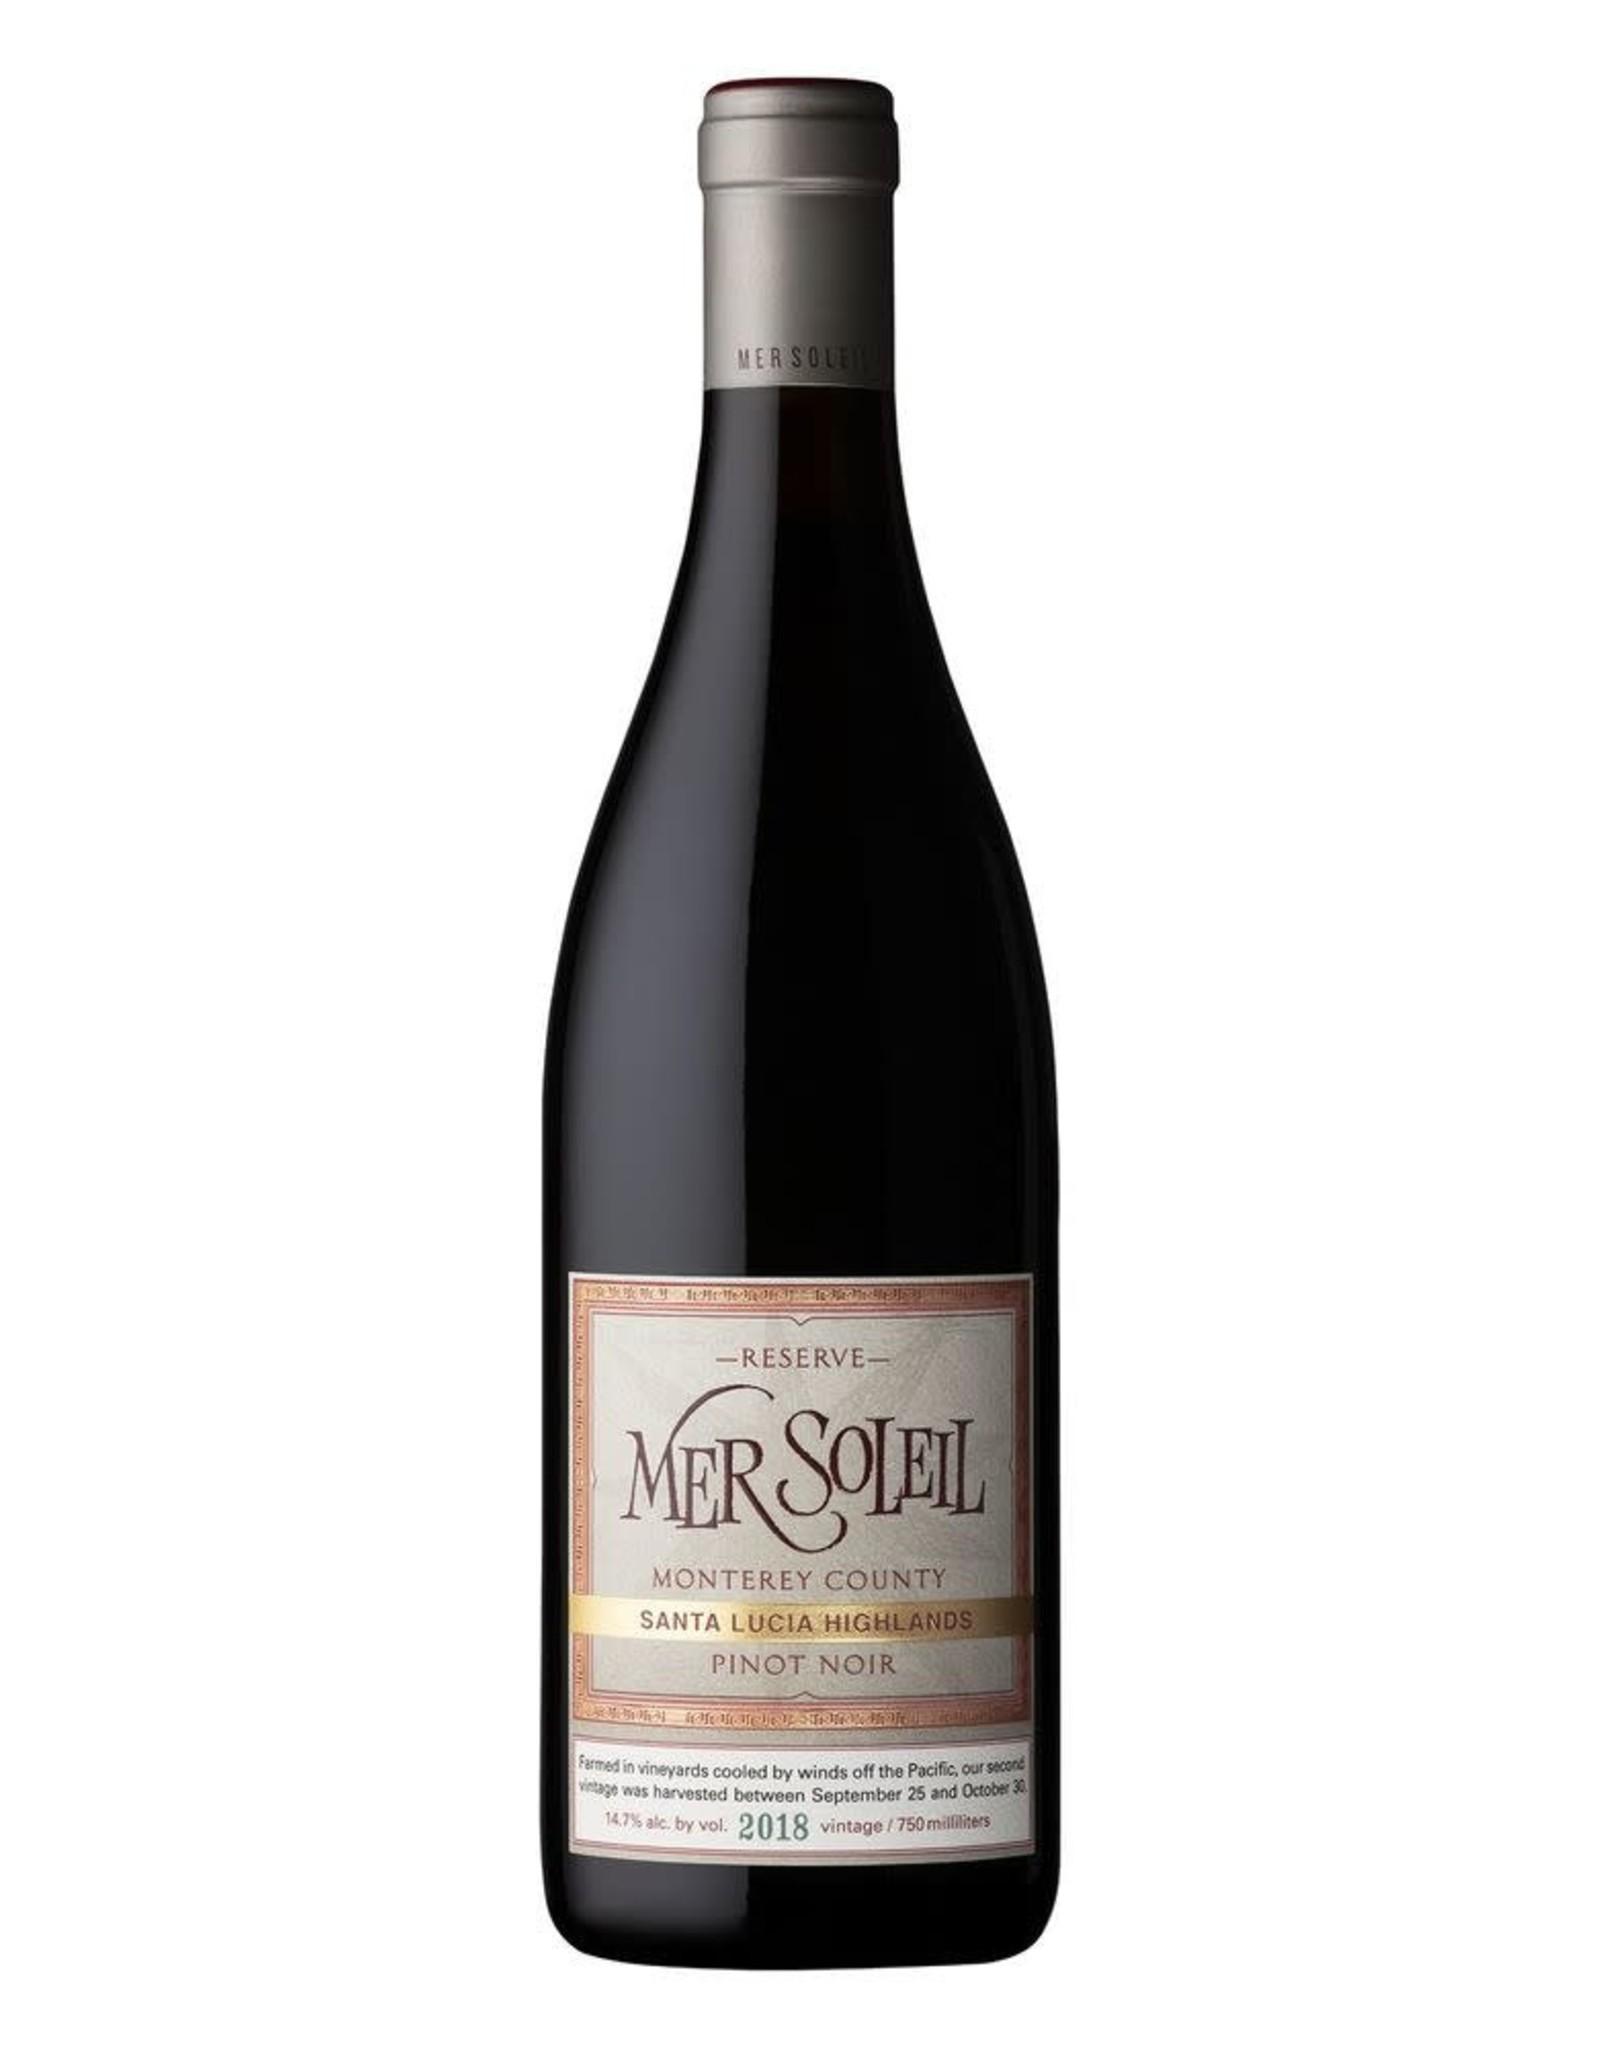 Mer Soleil Santa Lucia Highlands Reserve Pinot Noir 2018